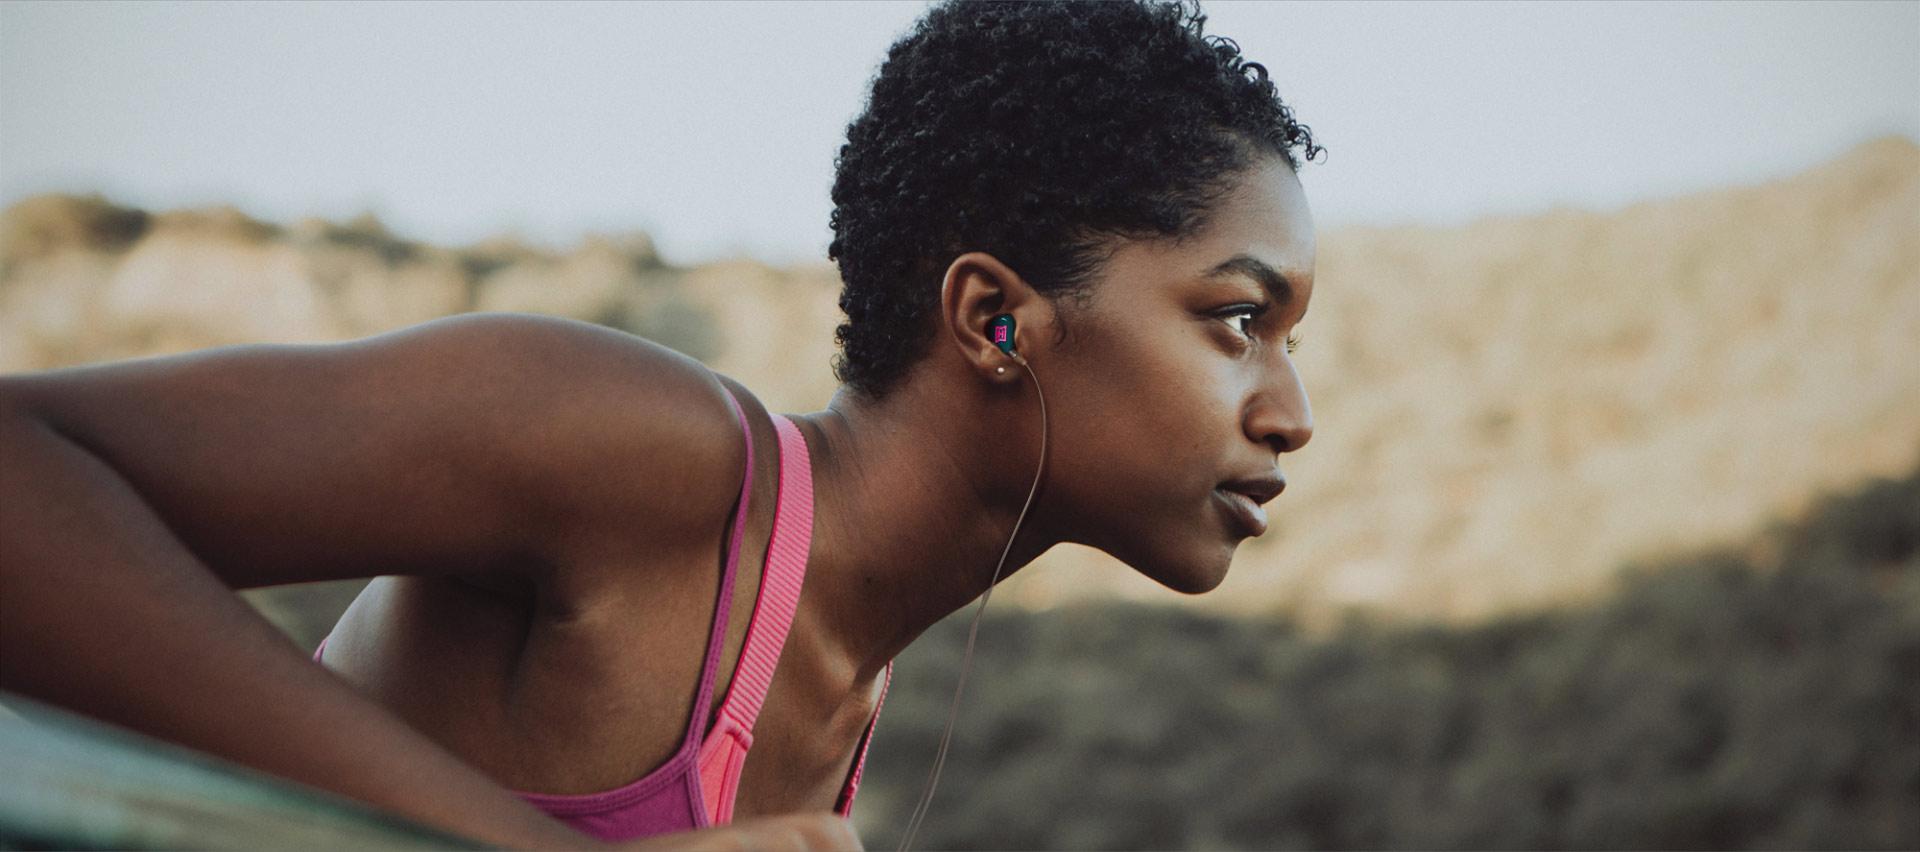 Diese Joggerin nutzt den HEAROS Boom 2, der sich perfekt für Sport und Freizeit eignet – kein Herausfallen oder Verrutschen dank individueller Anpassung an deine Ohren.